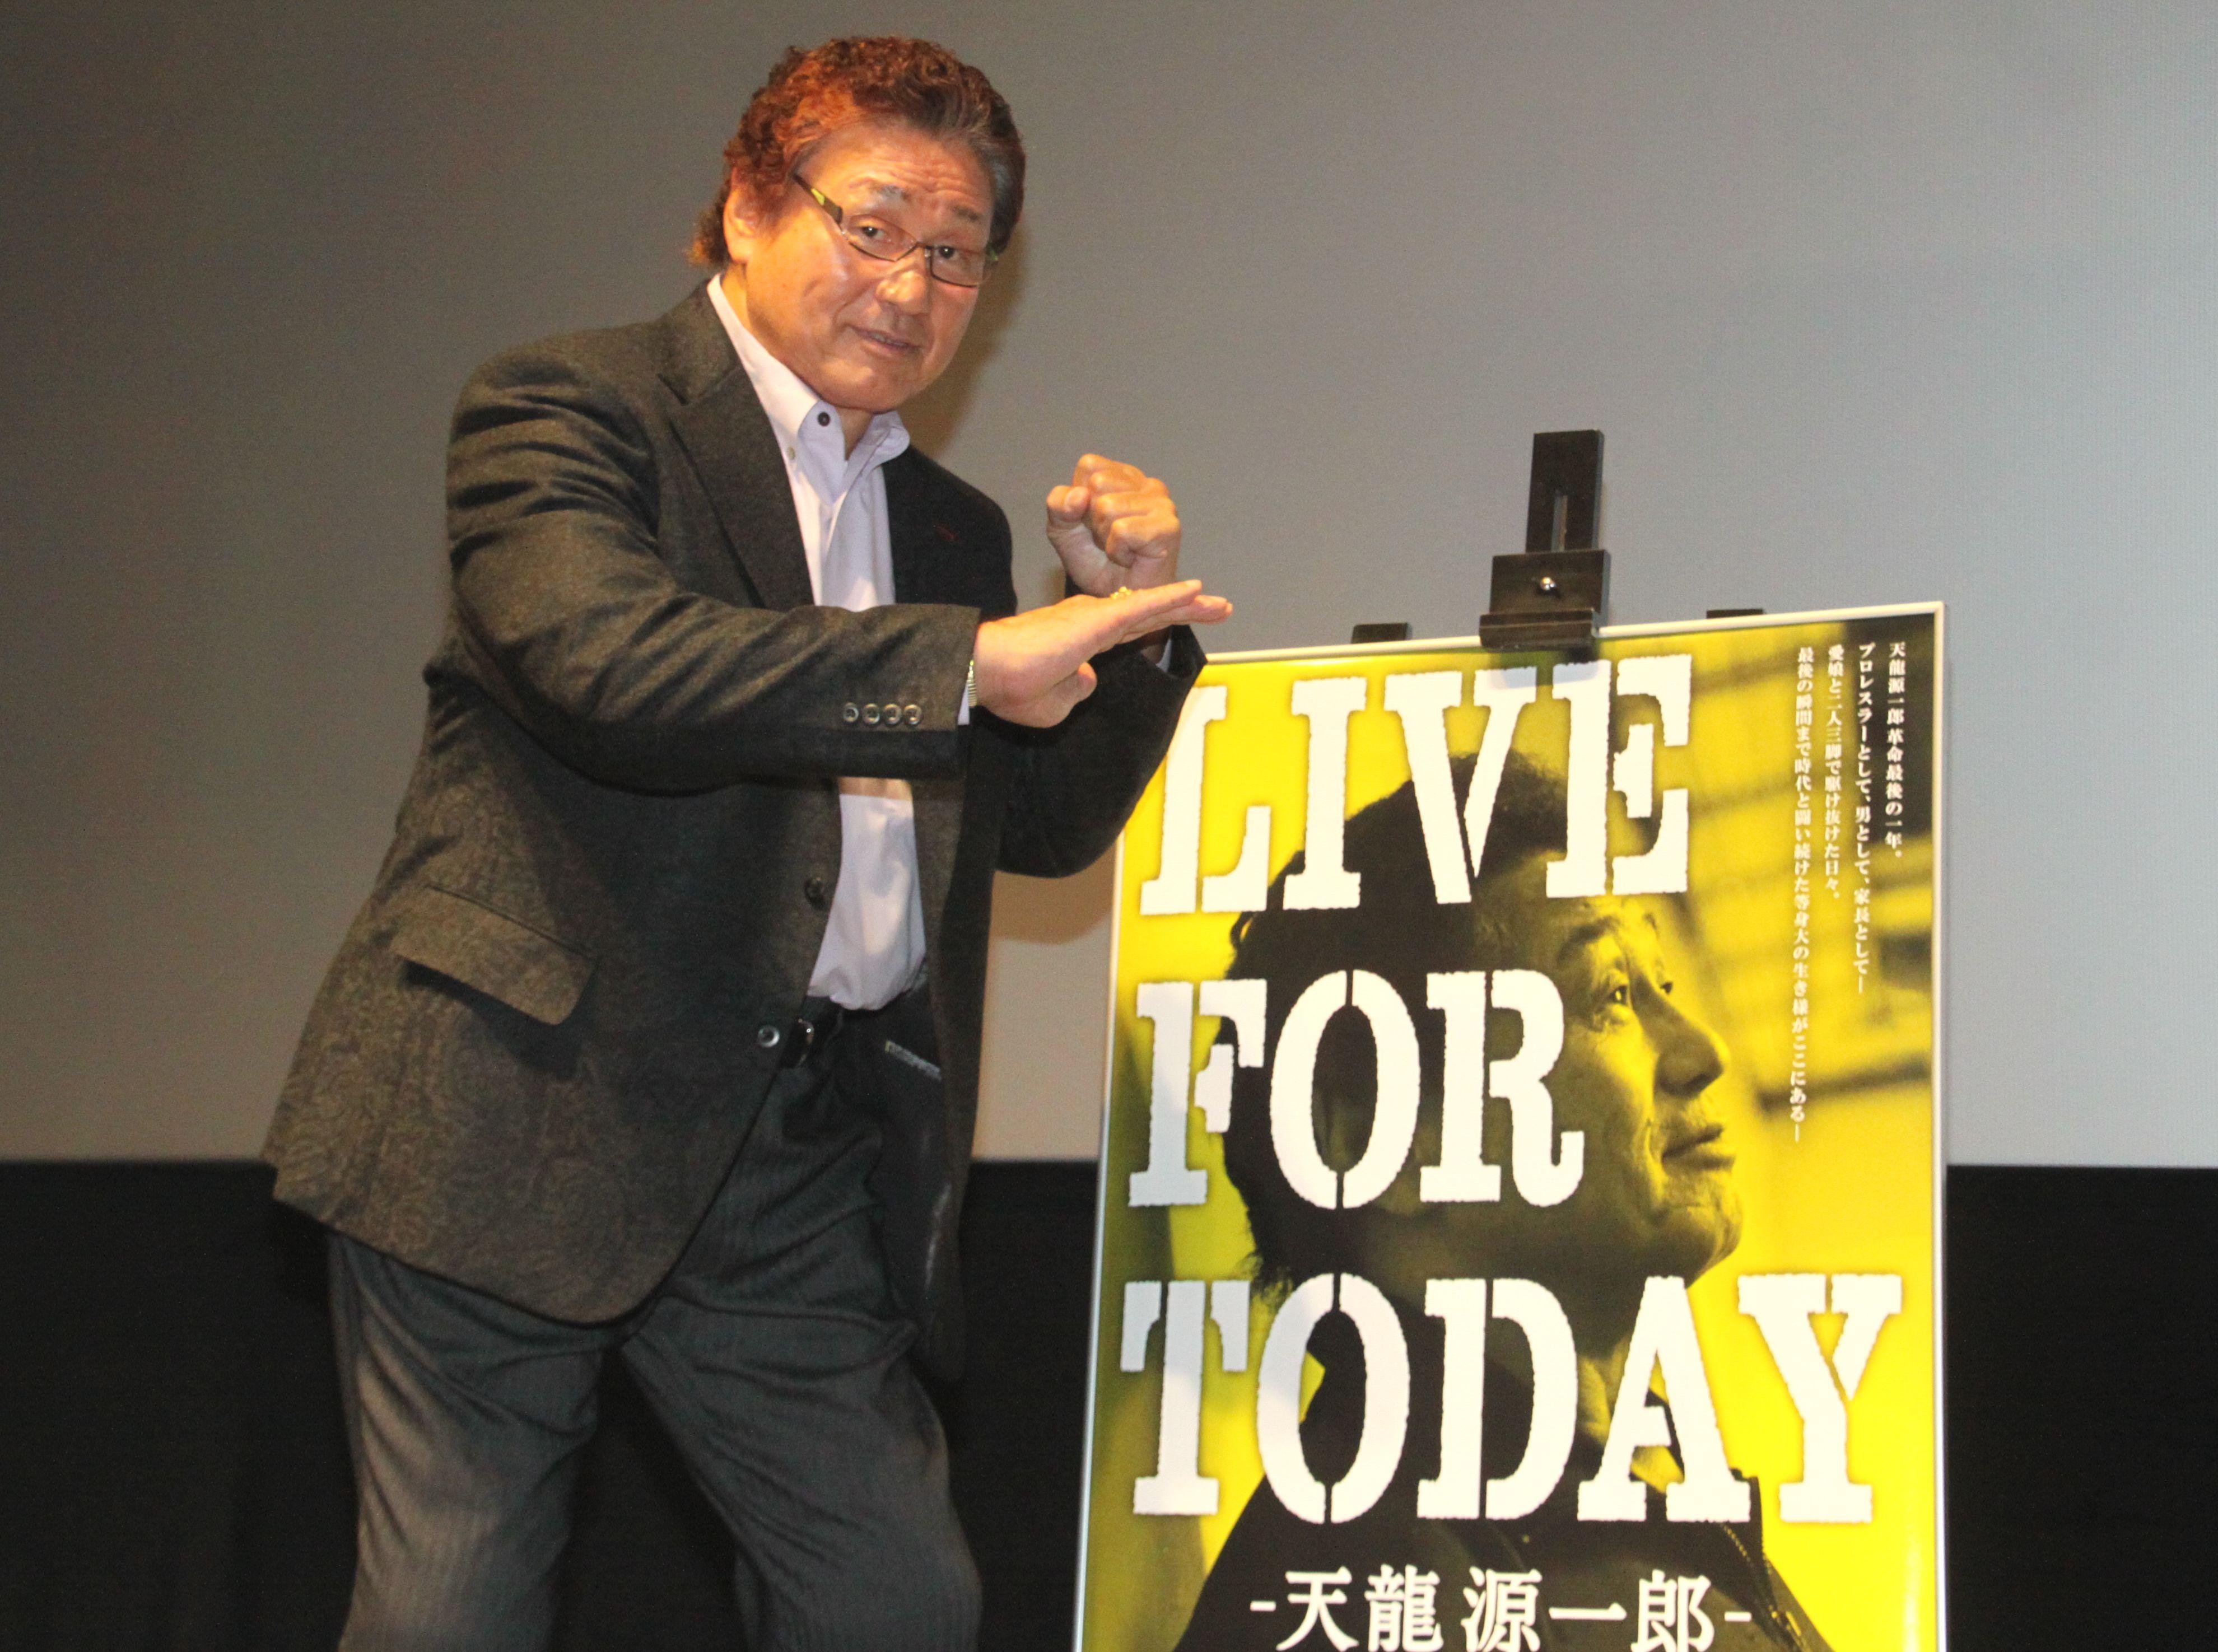 ドキュメンタリー映画『LIVE FOR TODAY-天龍源一郎-』を見て、天龍が不覚にも涙